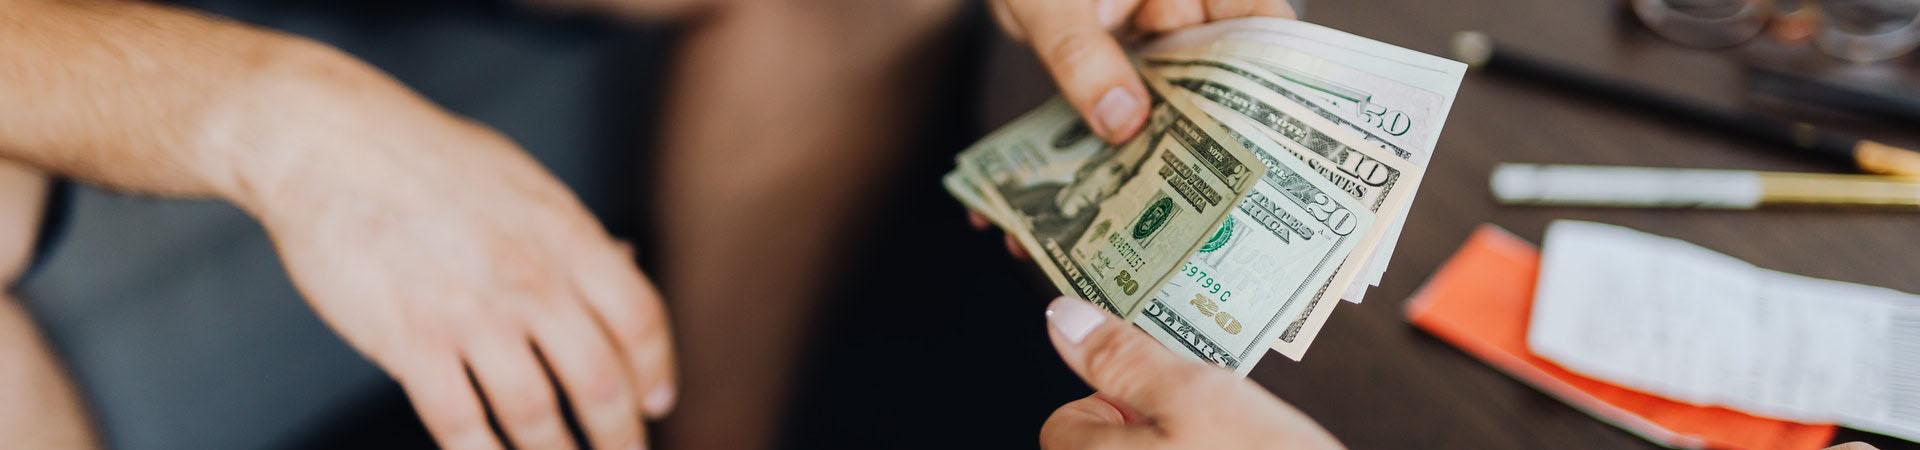 6 költség, amivel számolj az egyetemen!